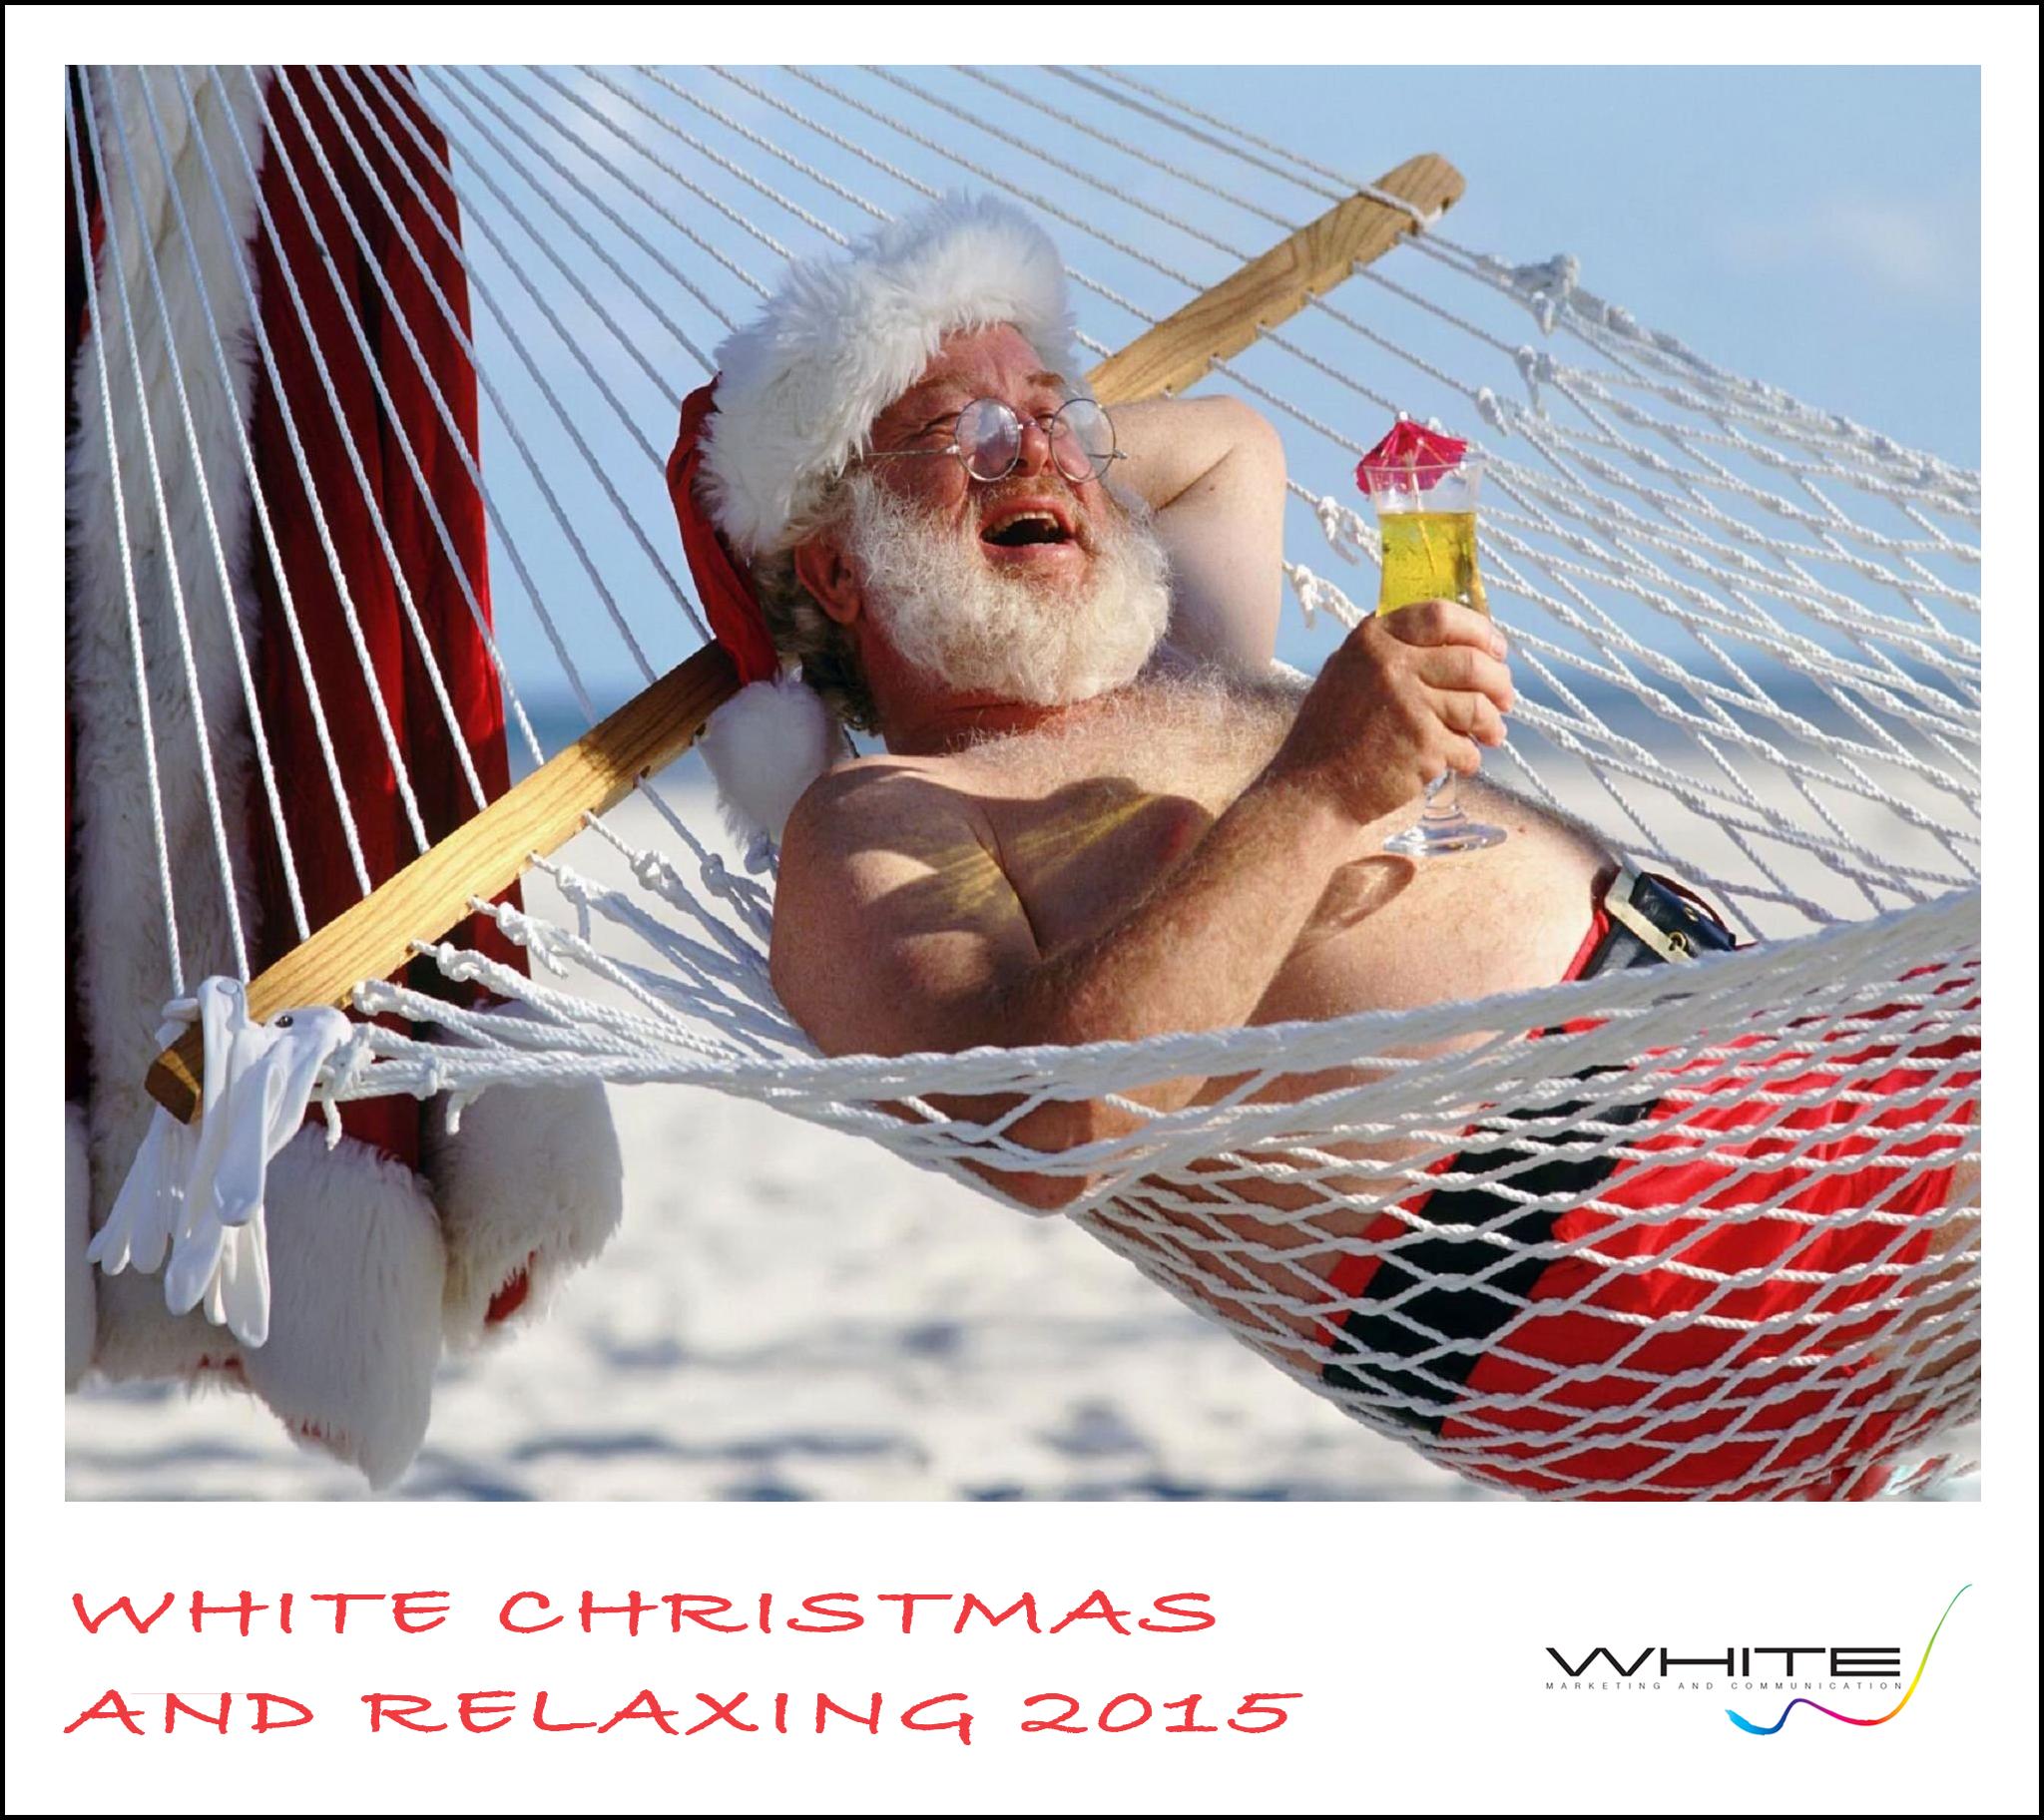 #whitechristmas